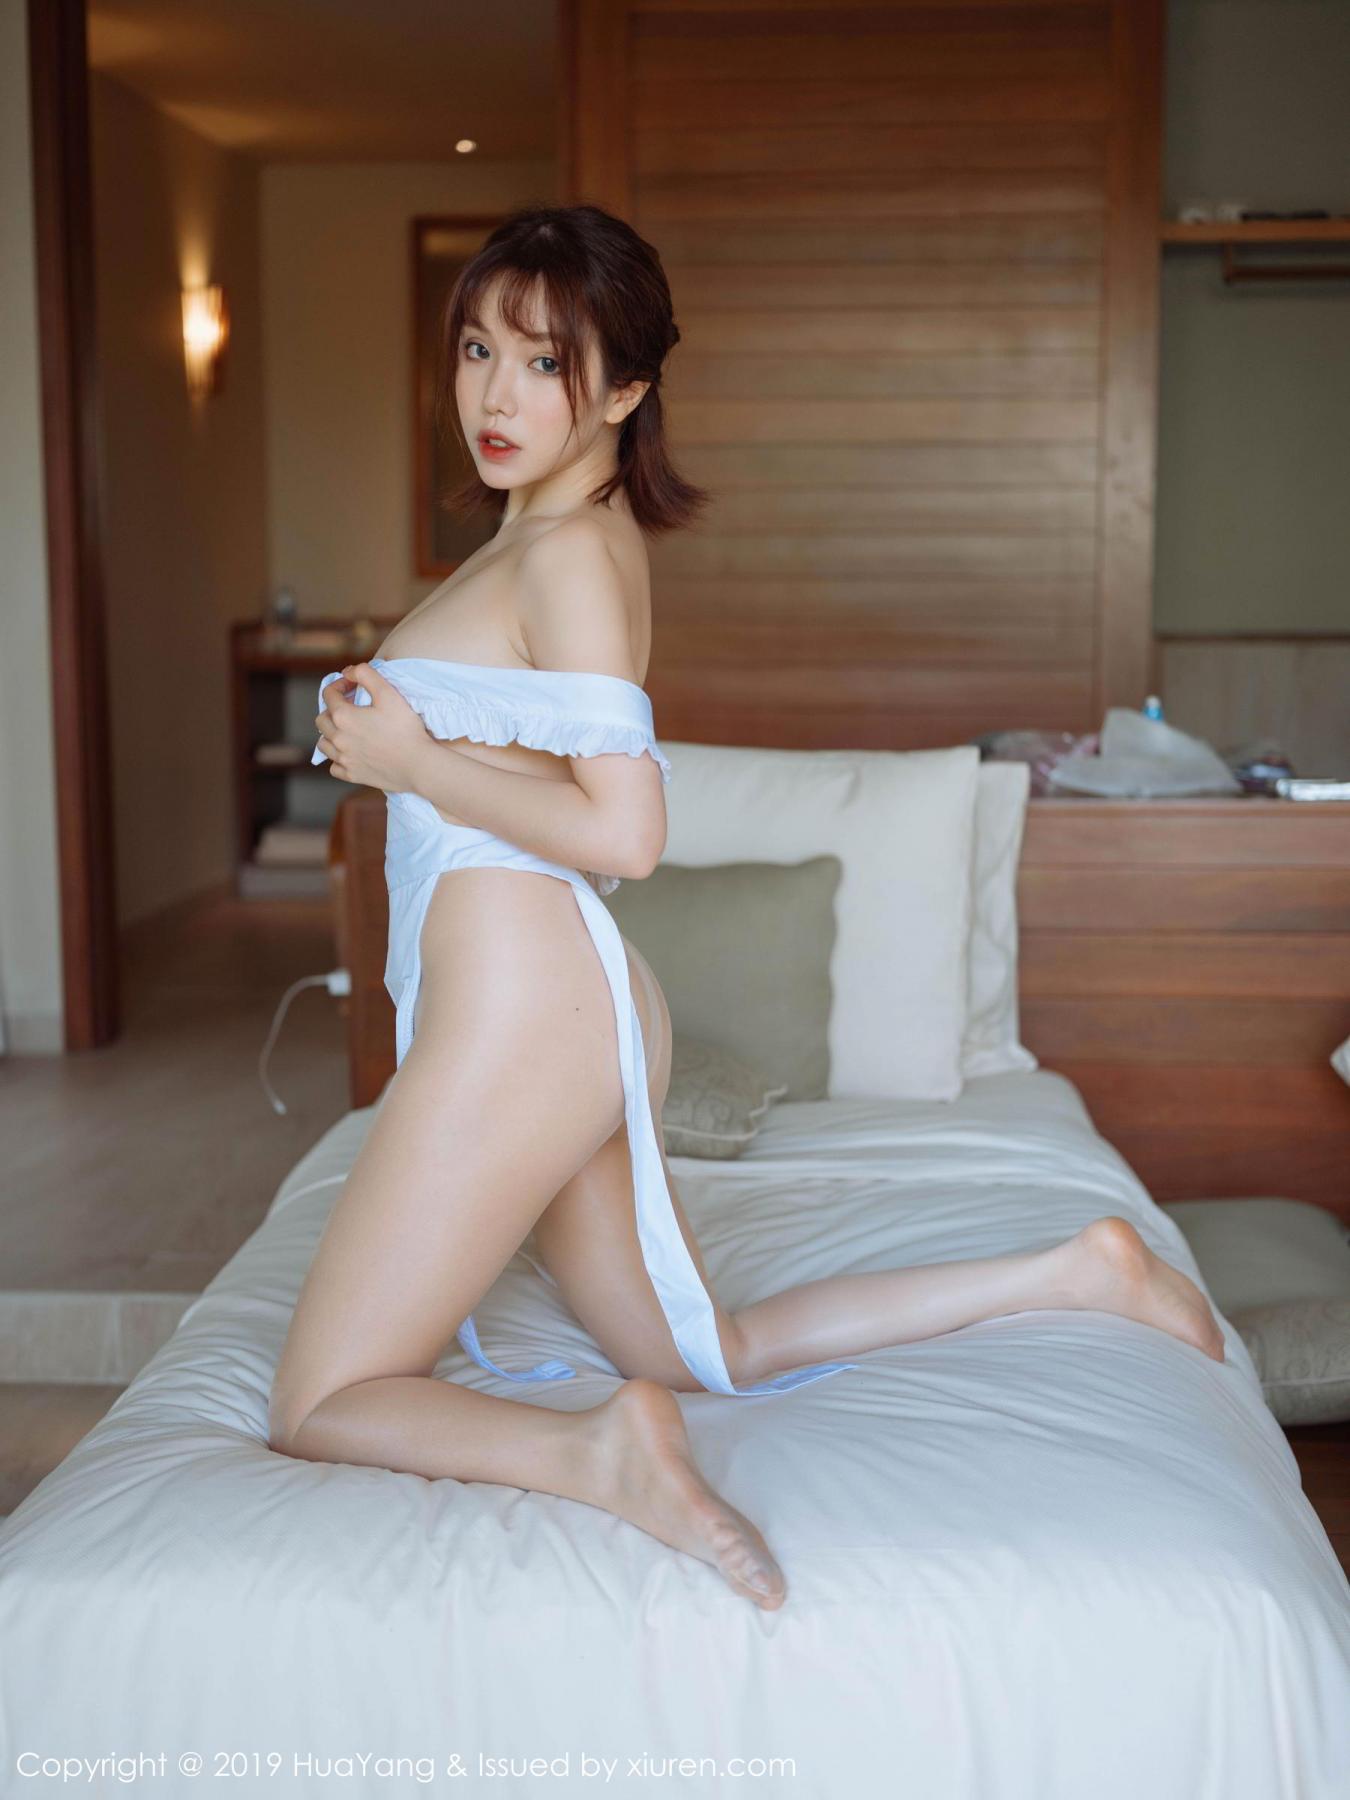 [Huayang] Vol.134 Huang Le Ran 43P, Huang Le Ran, HuaYang, Maid, Sexy